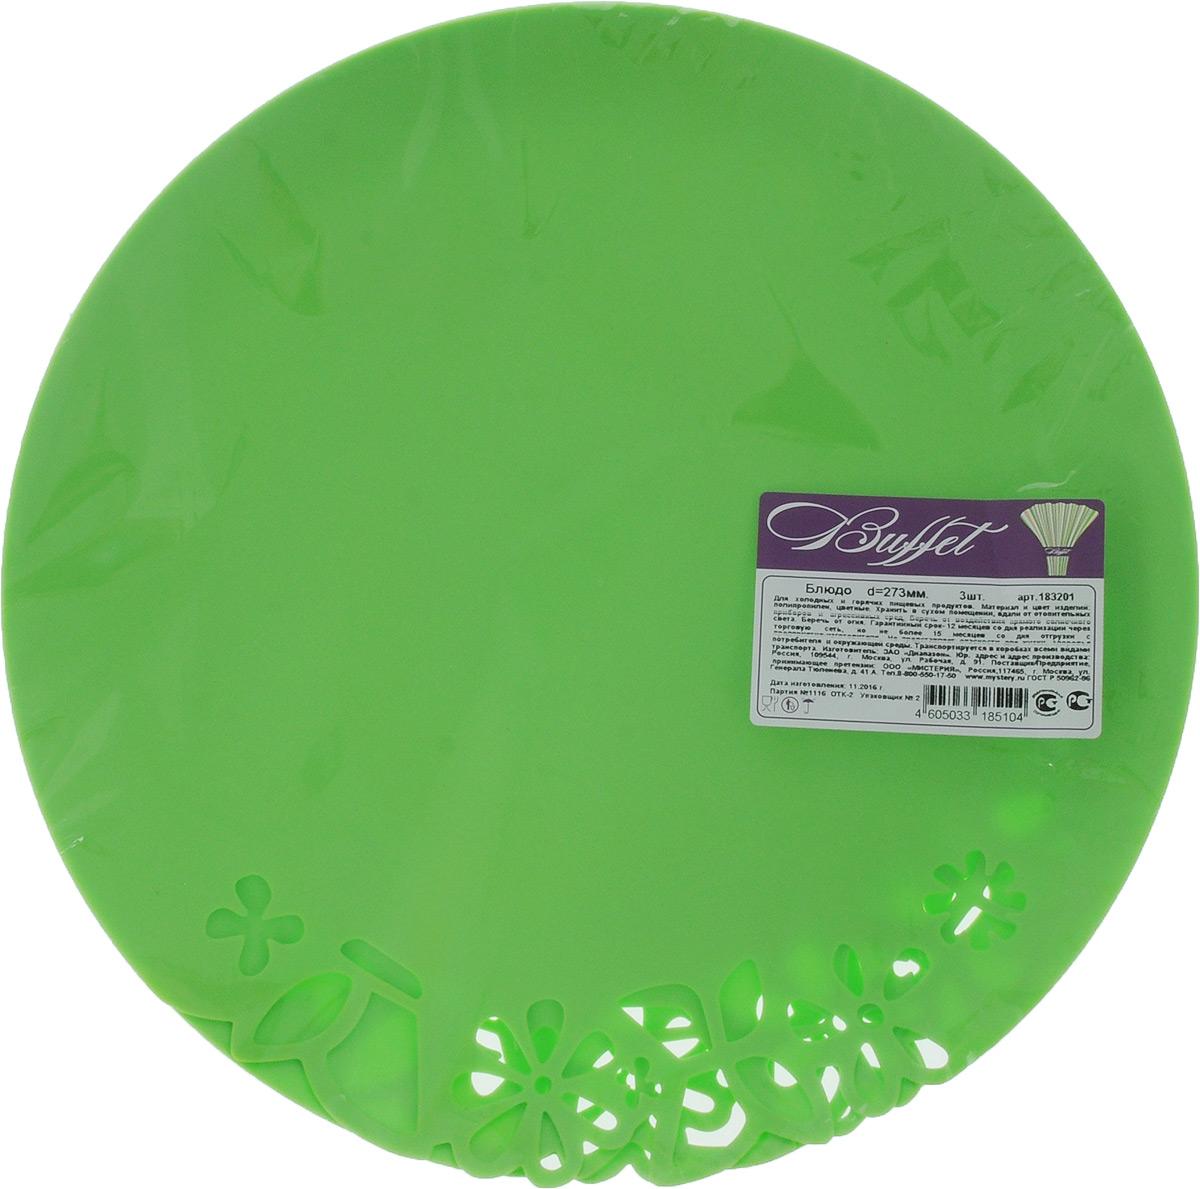 """Набор """"Buffet"""" состоит из трех тарелок, оформленных декоративной перфорацией. Изделия,  изготовленные из высококачественной полипропилена,  сочетают в себе изысканный дизайн с максимальной  функциональностью. Тарелки предназначены для холодных и горячих (до +70°С) продуктов.  Такие тарелки незаменимы в поездках на природу и на  пикниках. Диаметр тарелки: 27,3 см. Высота стенки: 1,5 см."""